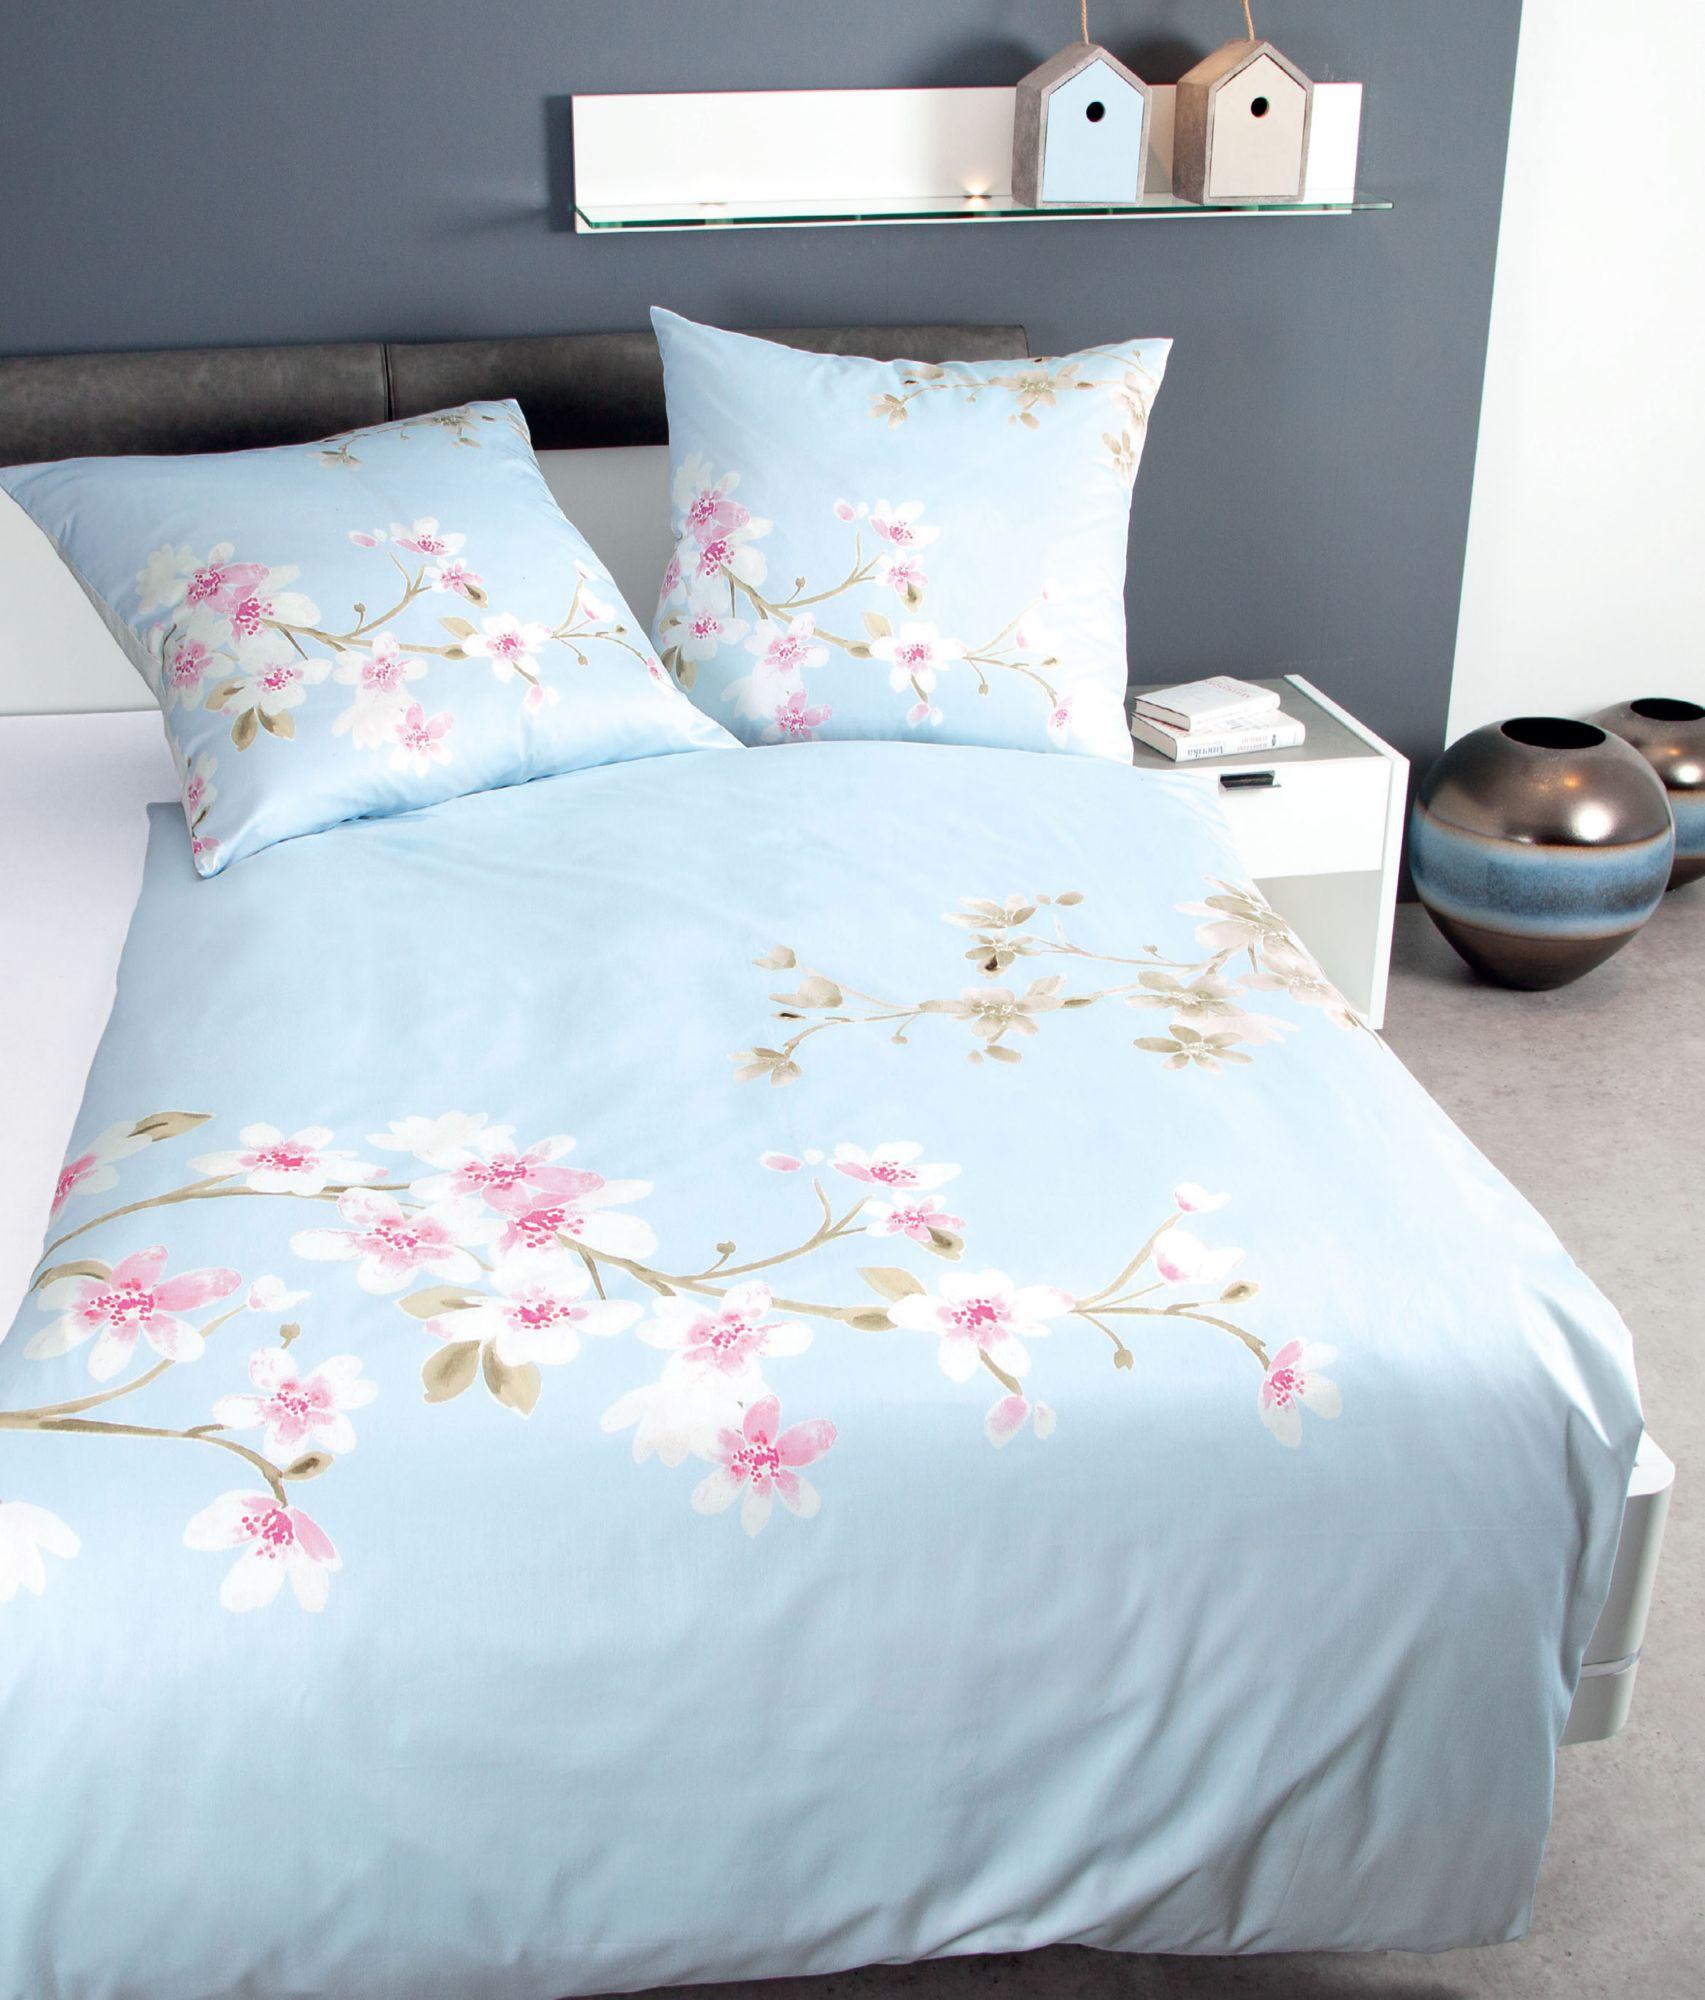 bettw sche janine fr hlingsbl te mit zweig motiven. Black Bedroom Furniture Sets. Home Design Ideas